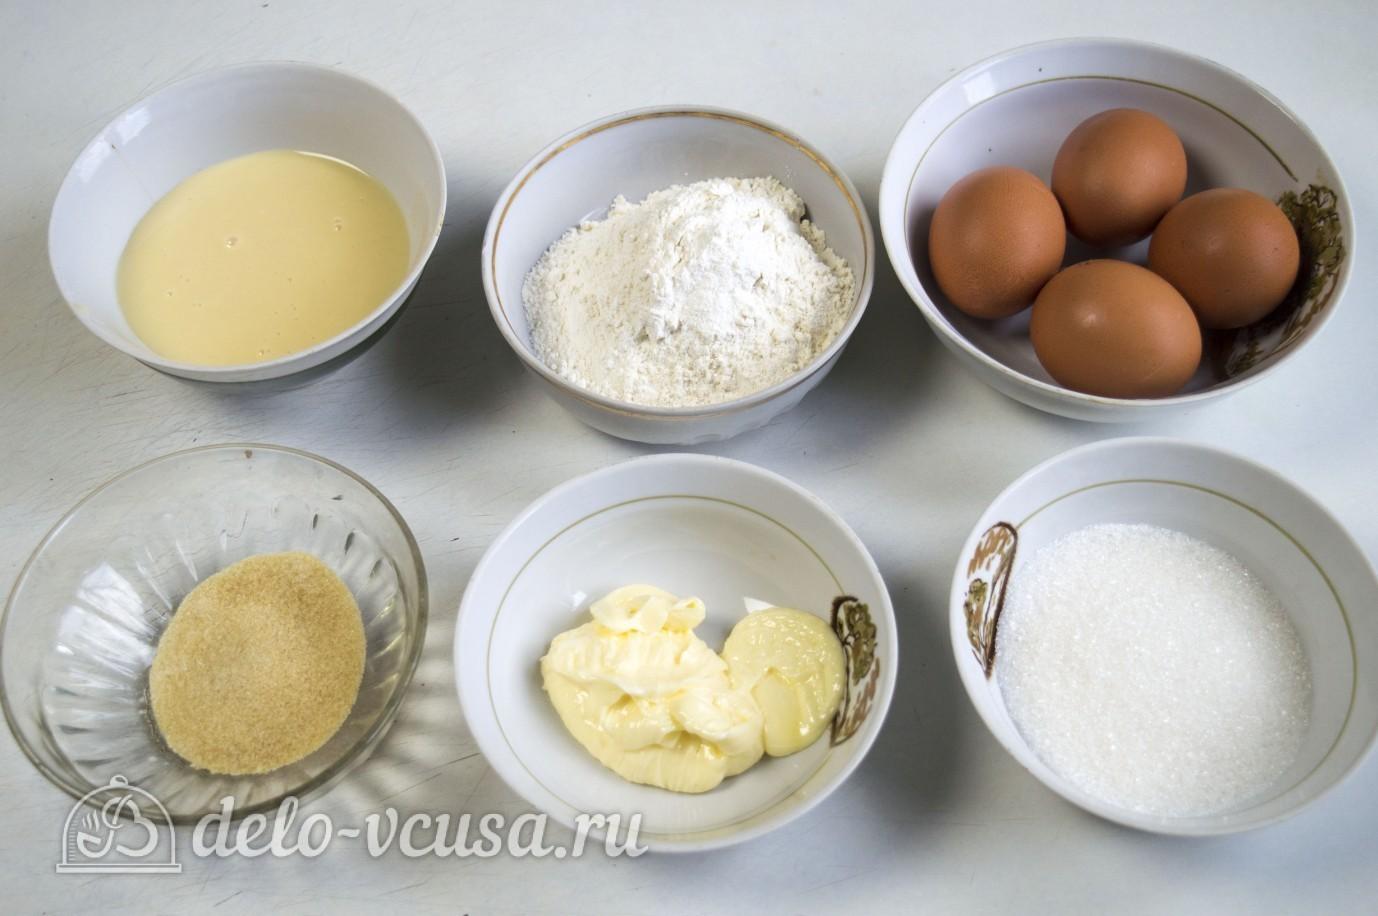 Суфле птичье молоко с пошаговым